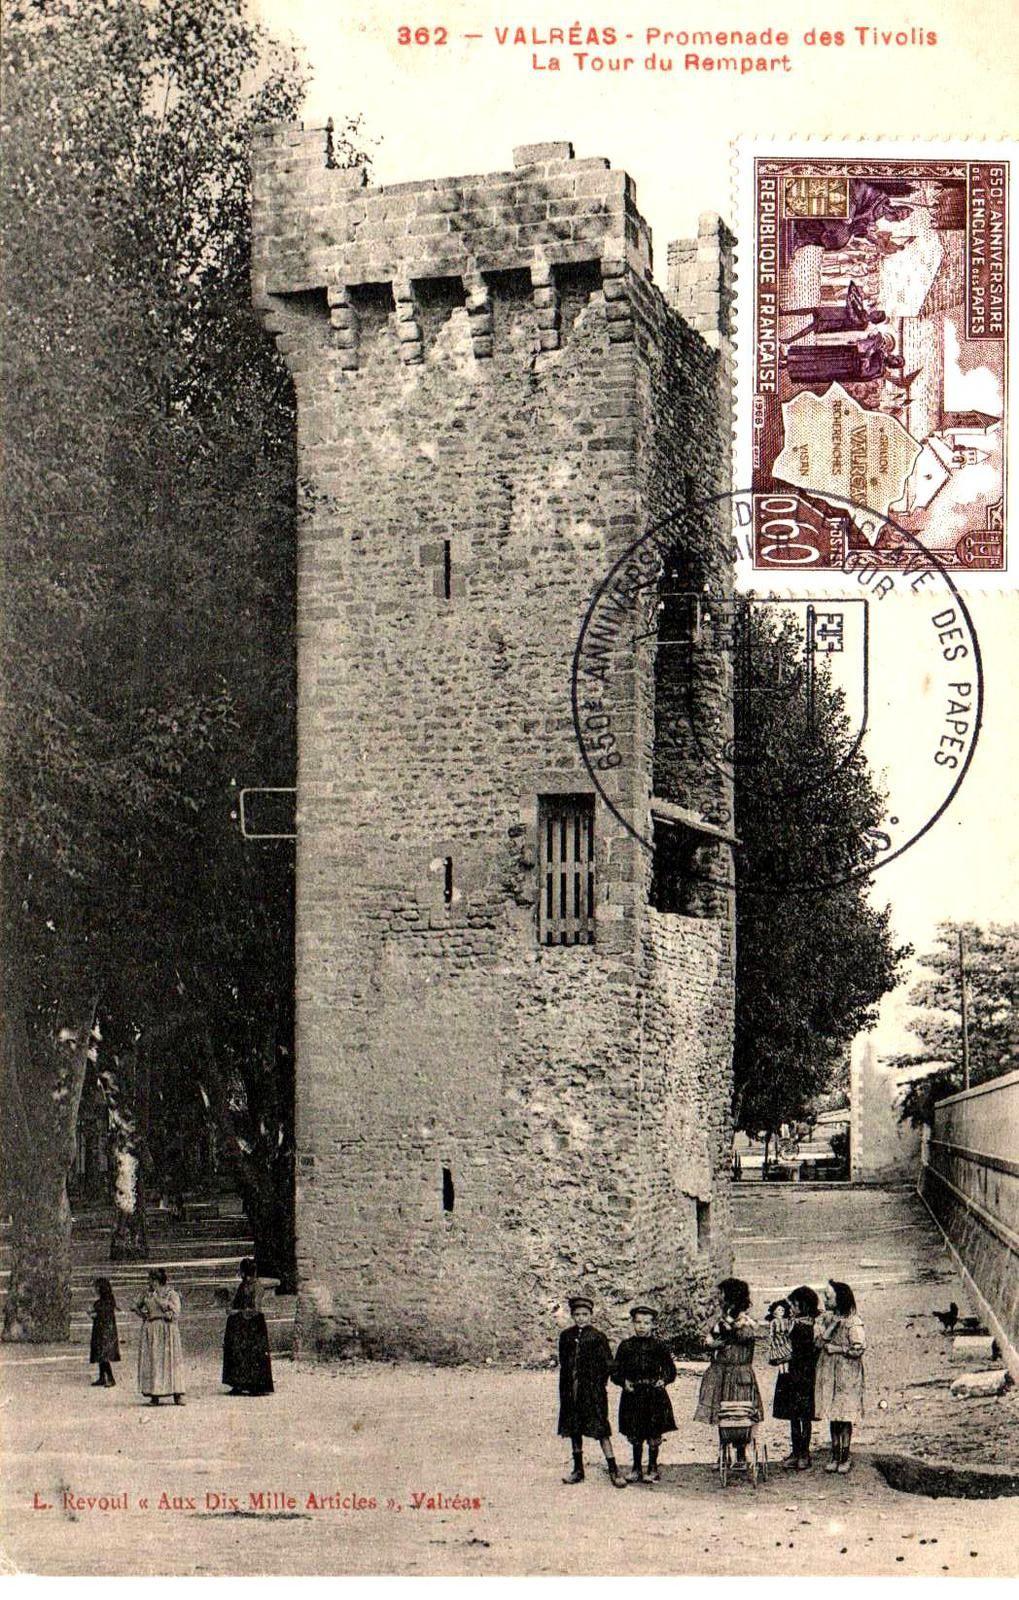 Ce teimbre de 1948 commémorant le 650° anniversaire de l'Enclave des Papes est apposé sur une carte postale manifestement plus ancienne.